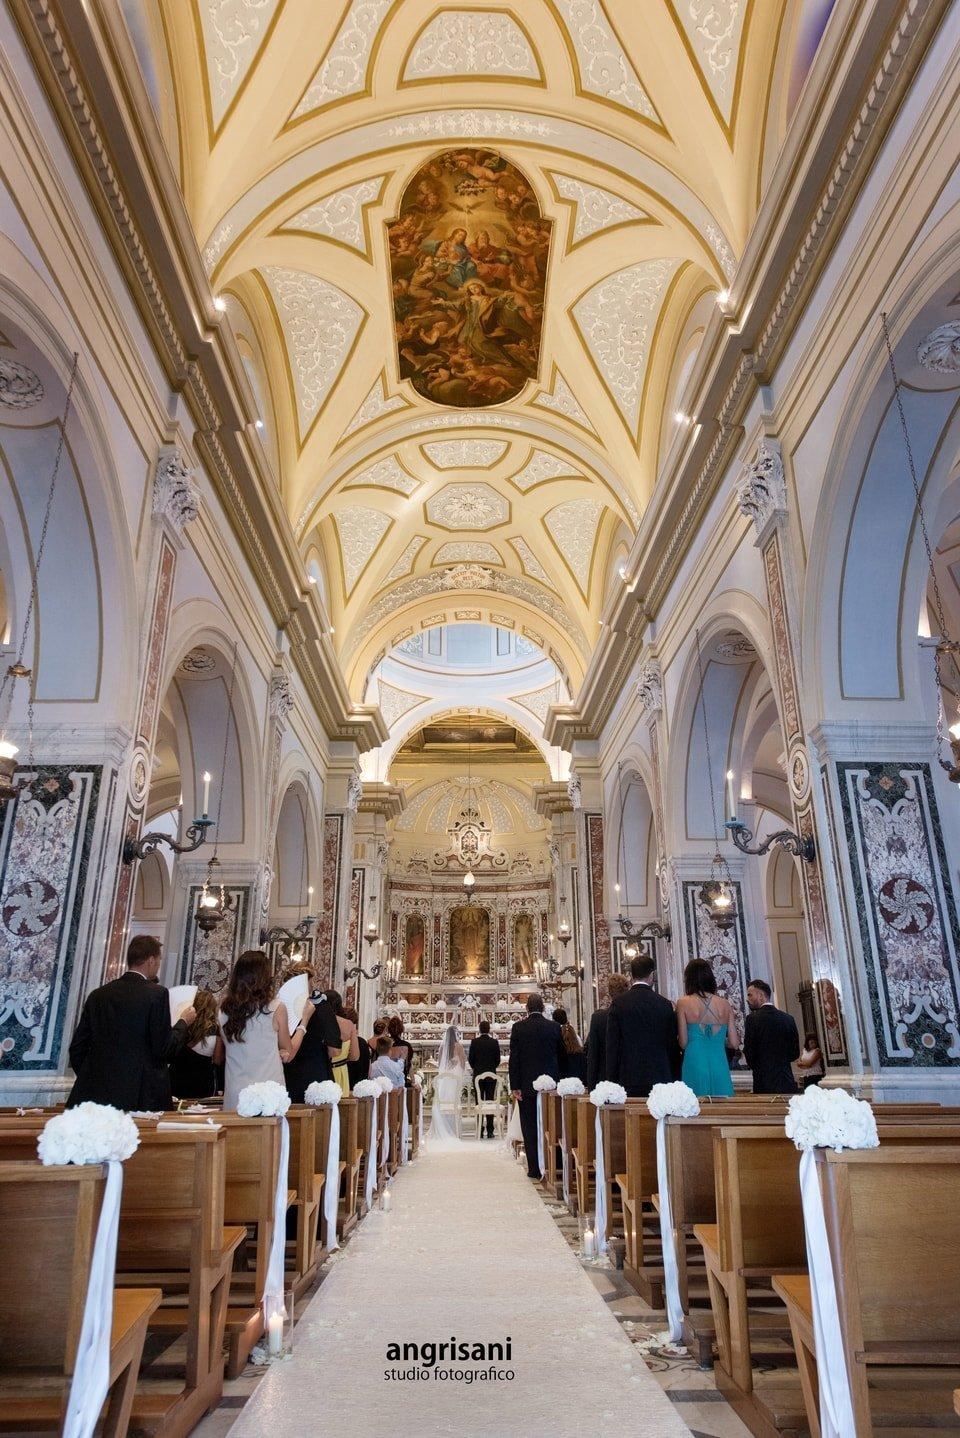 interno di una chiesa addobbata per matrimonio